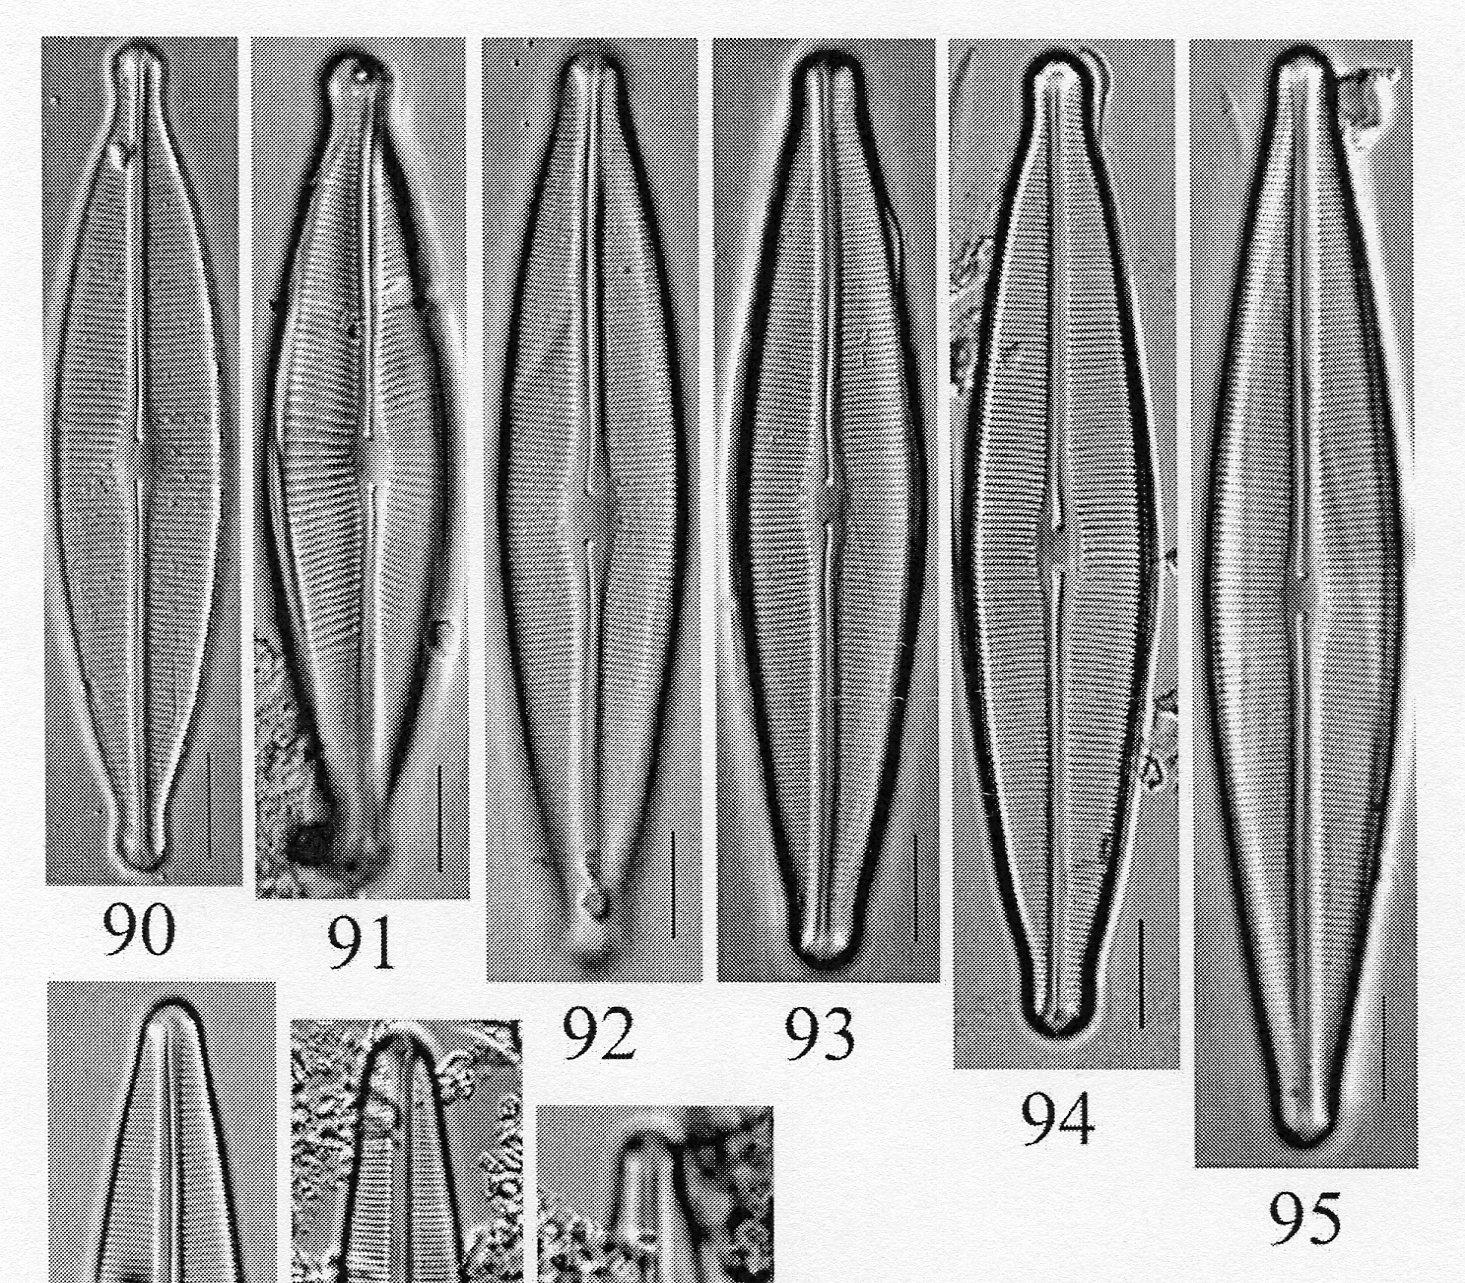 Craticula johnstoniae orig illus